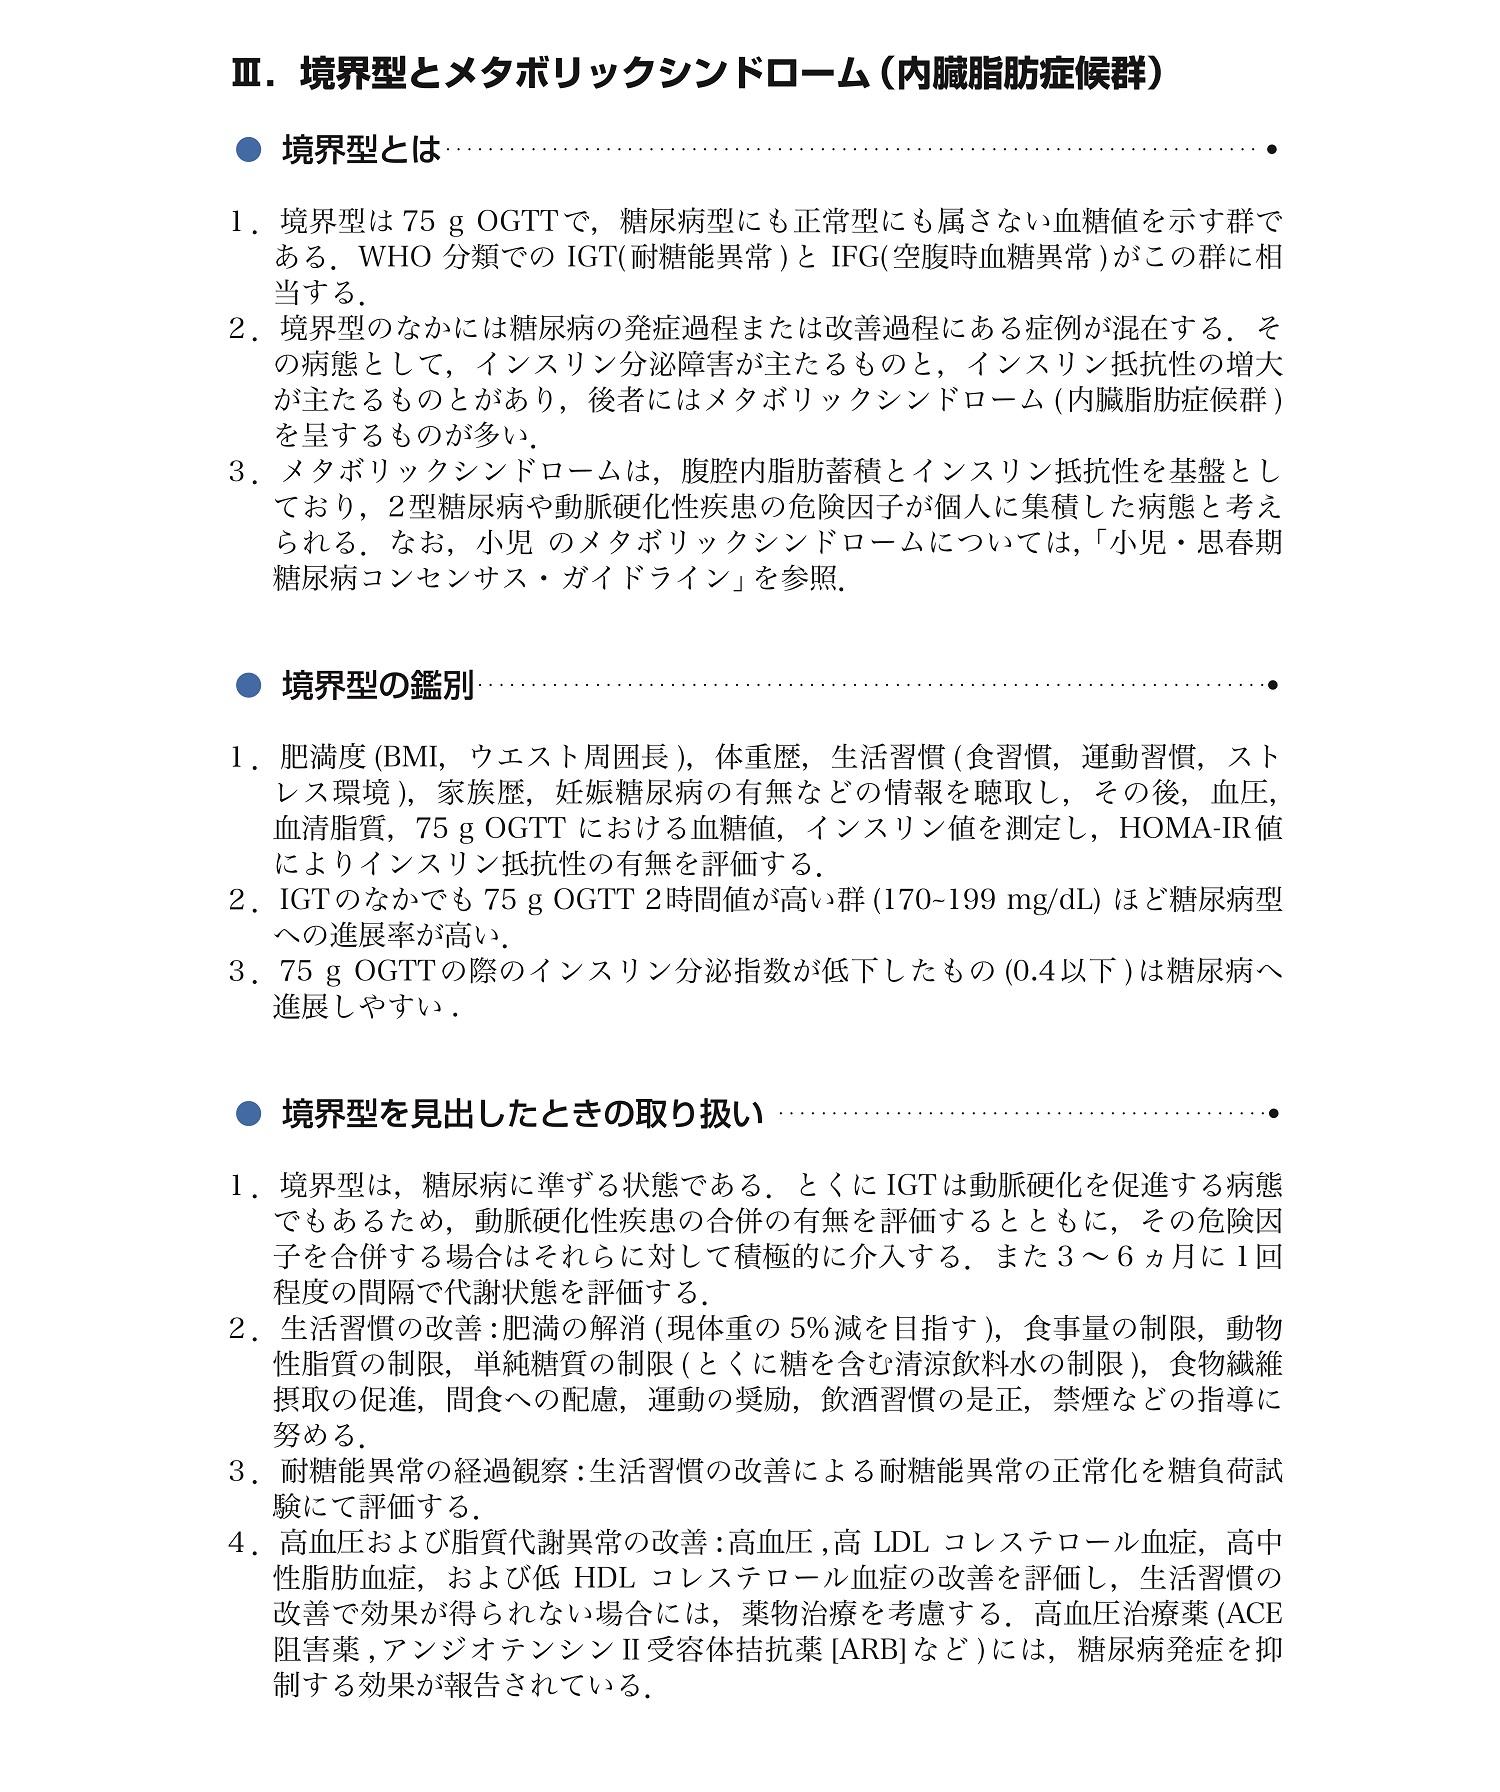 糖尿病治療ガイド2018-2019(抜粋)[4]